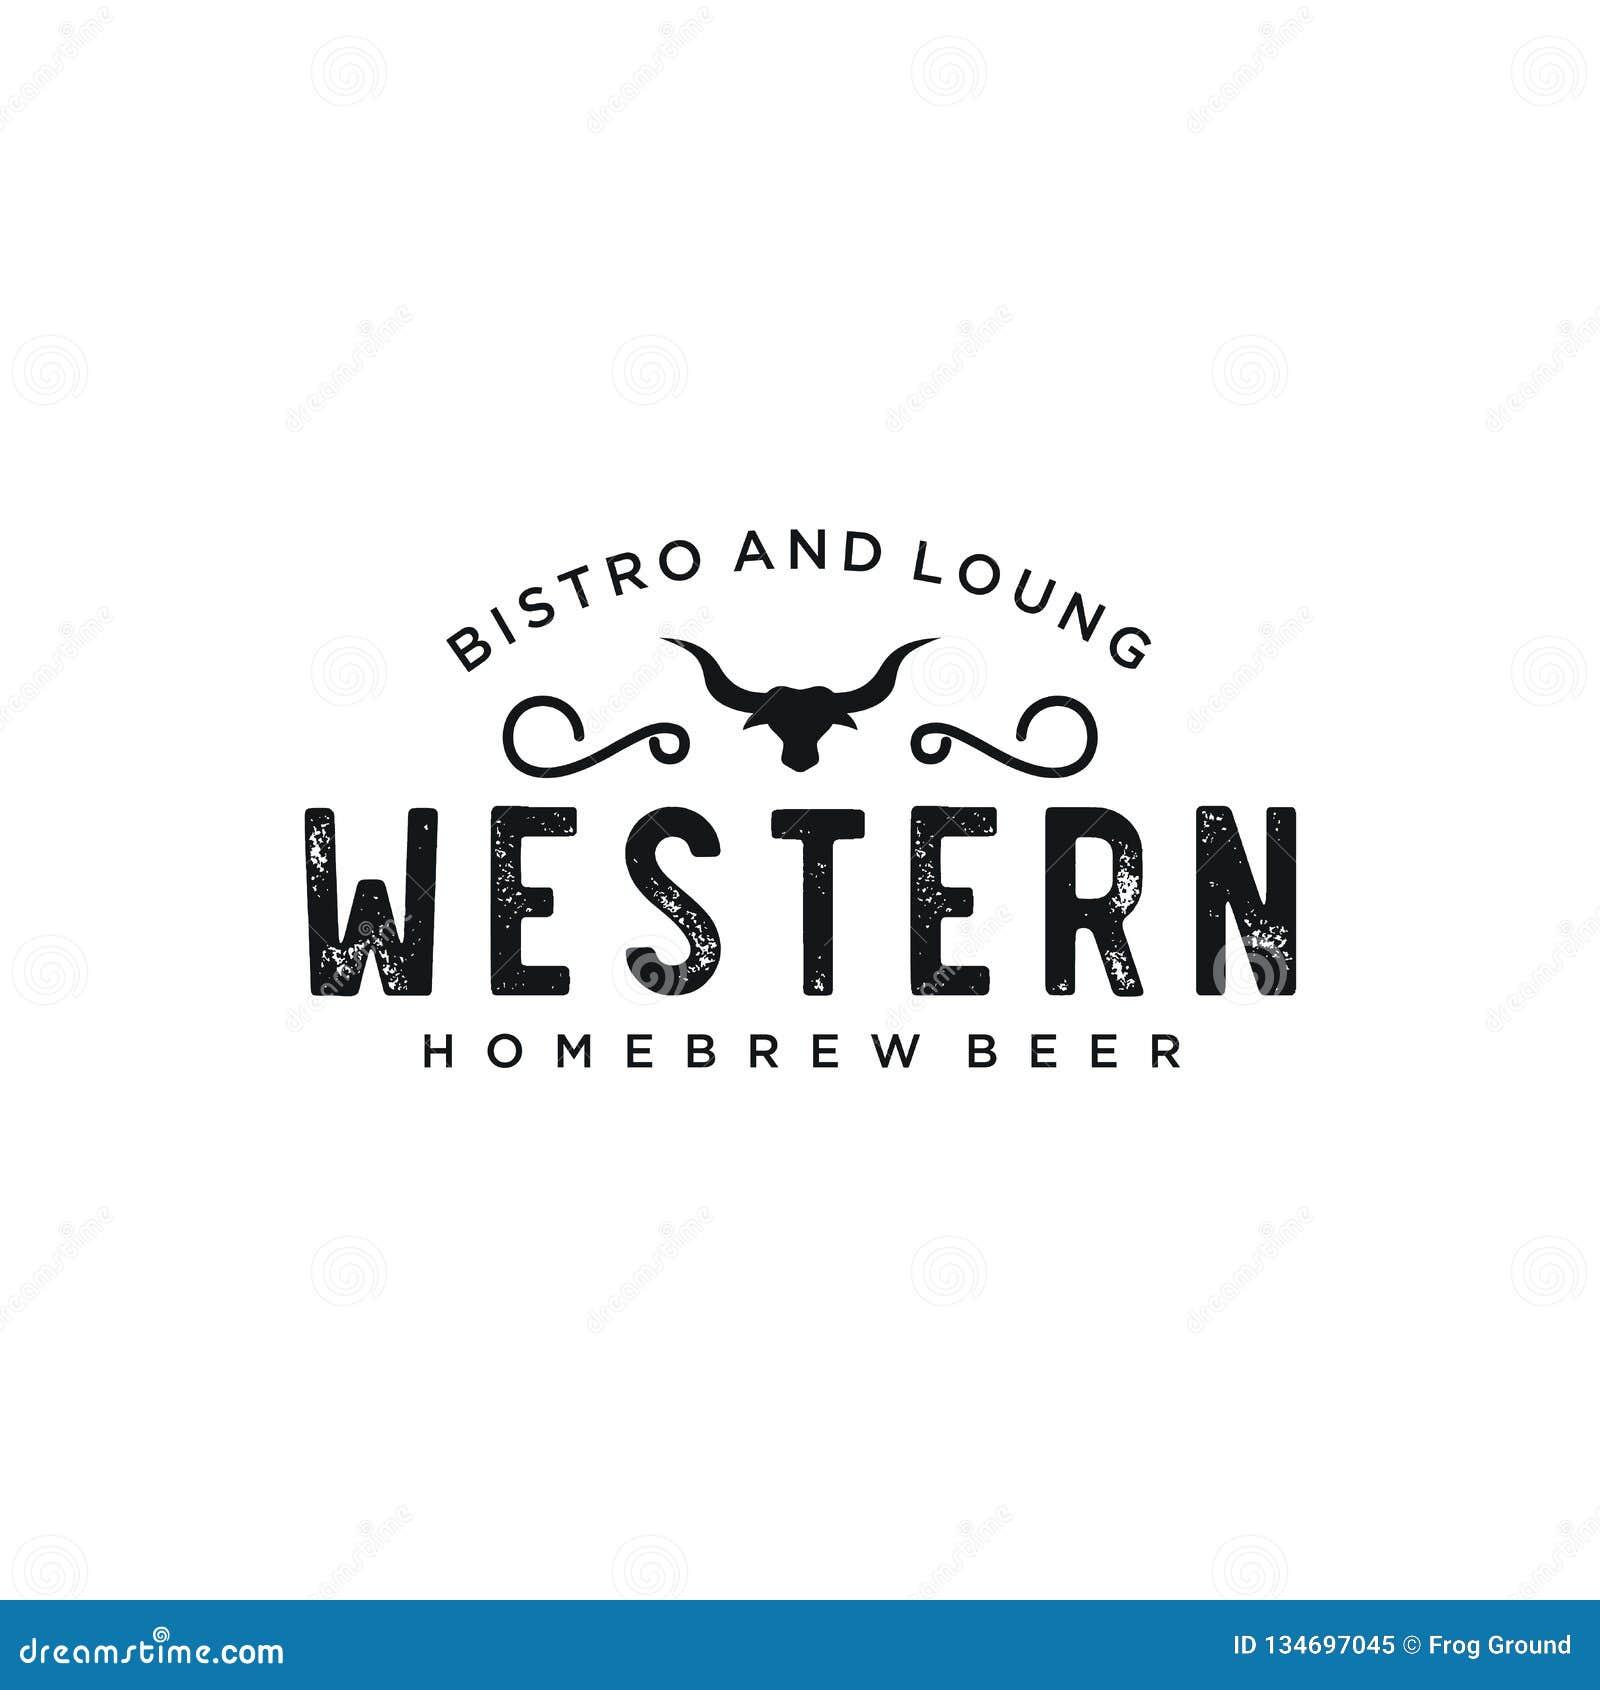 Vintage Country Emblem Typography For Western Bar Restaurant Logo Design Inspiration Vector Stock Vector Illustration Of Design Clean 134697045